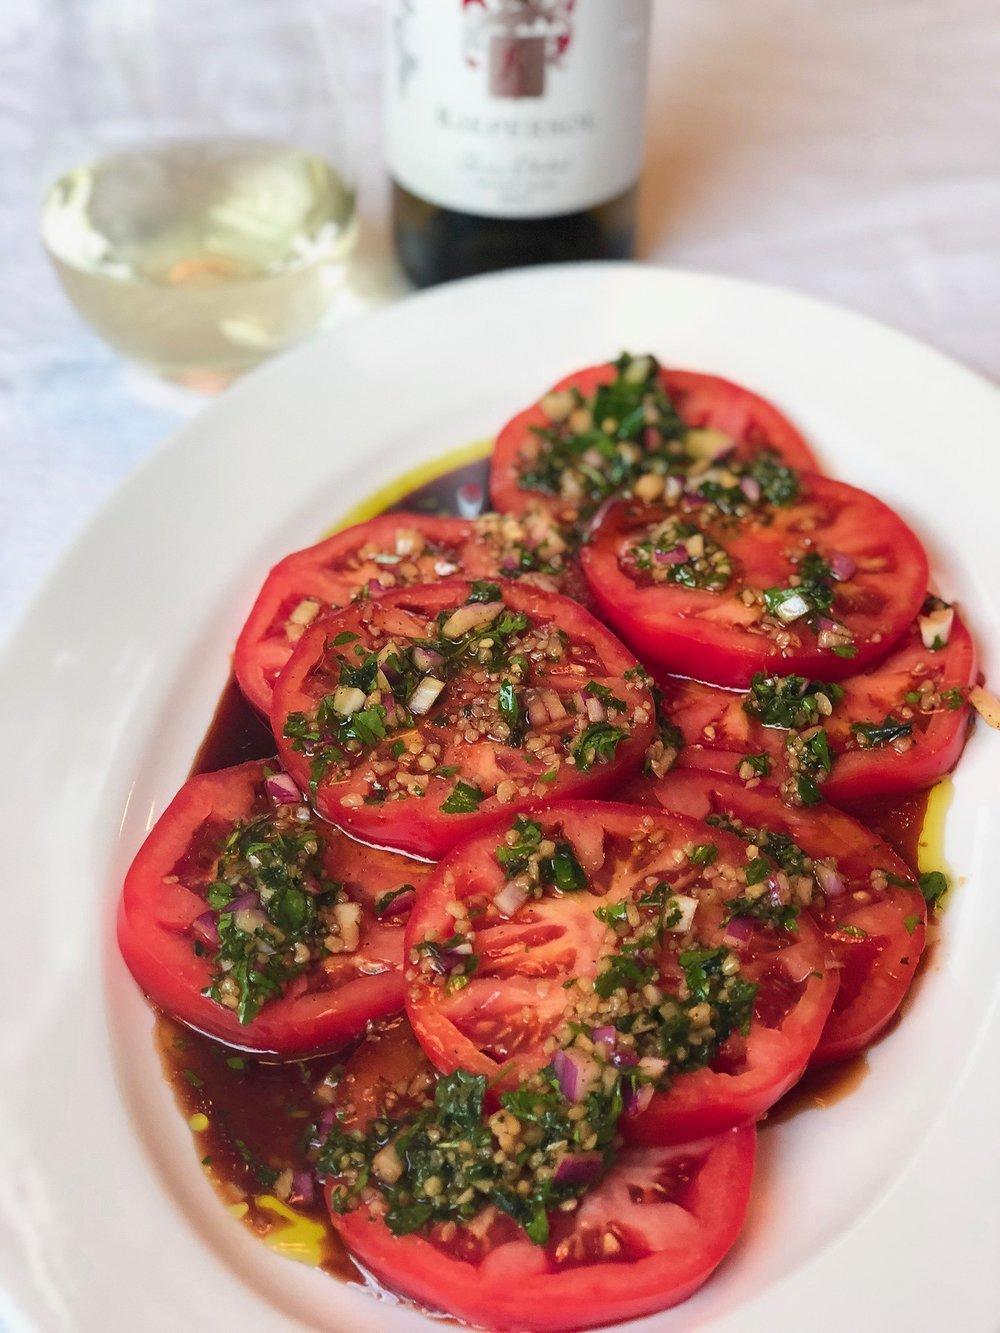 Marinated Jacksonville Tomatoes